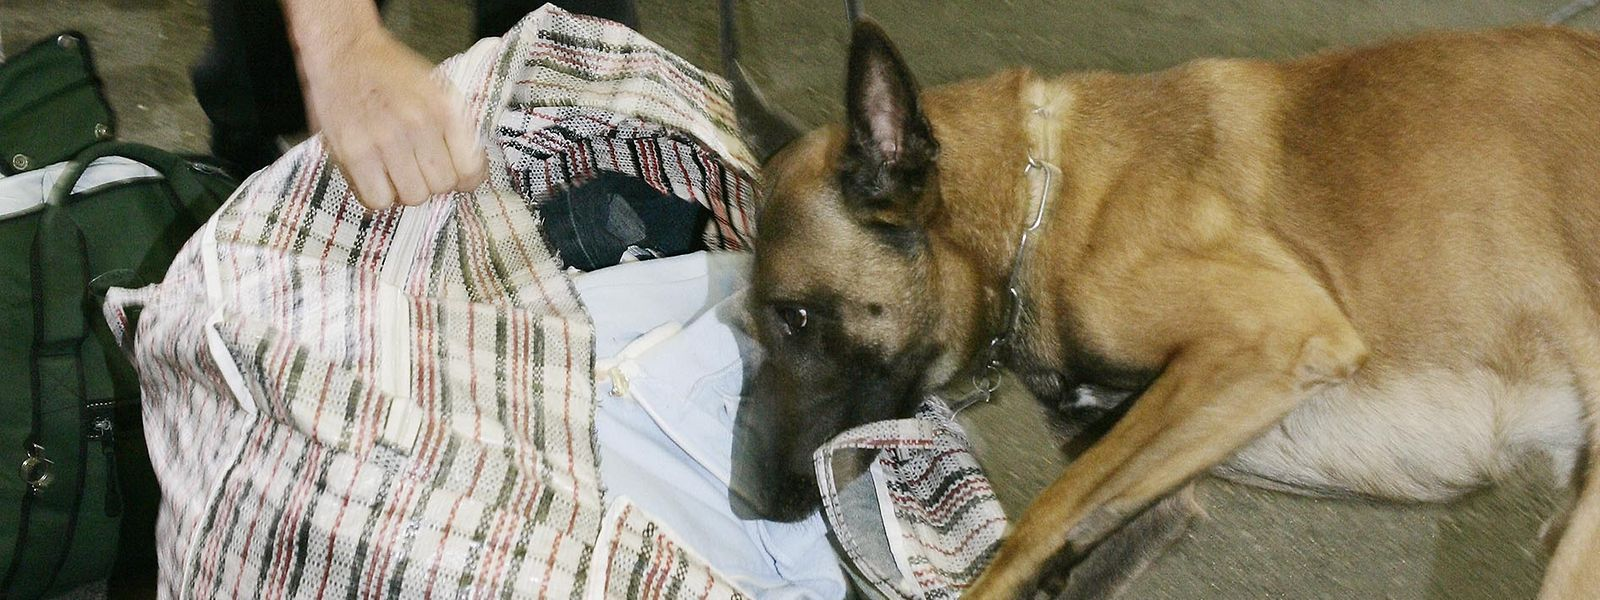 Les deux chiens antidrogue pourront mettre leur nez partout en prison, y compris dans les affaires des visiteurs.